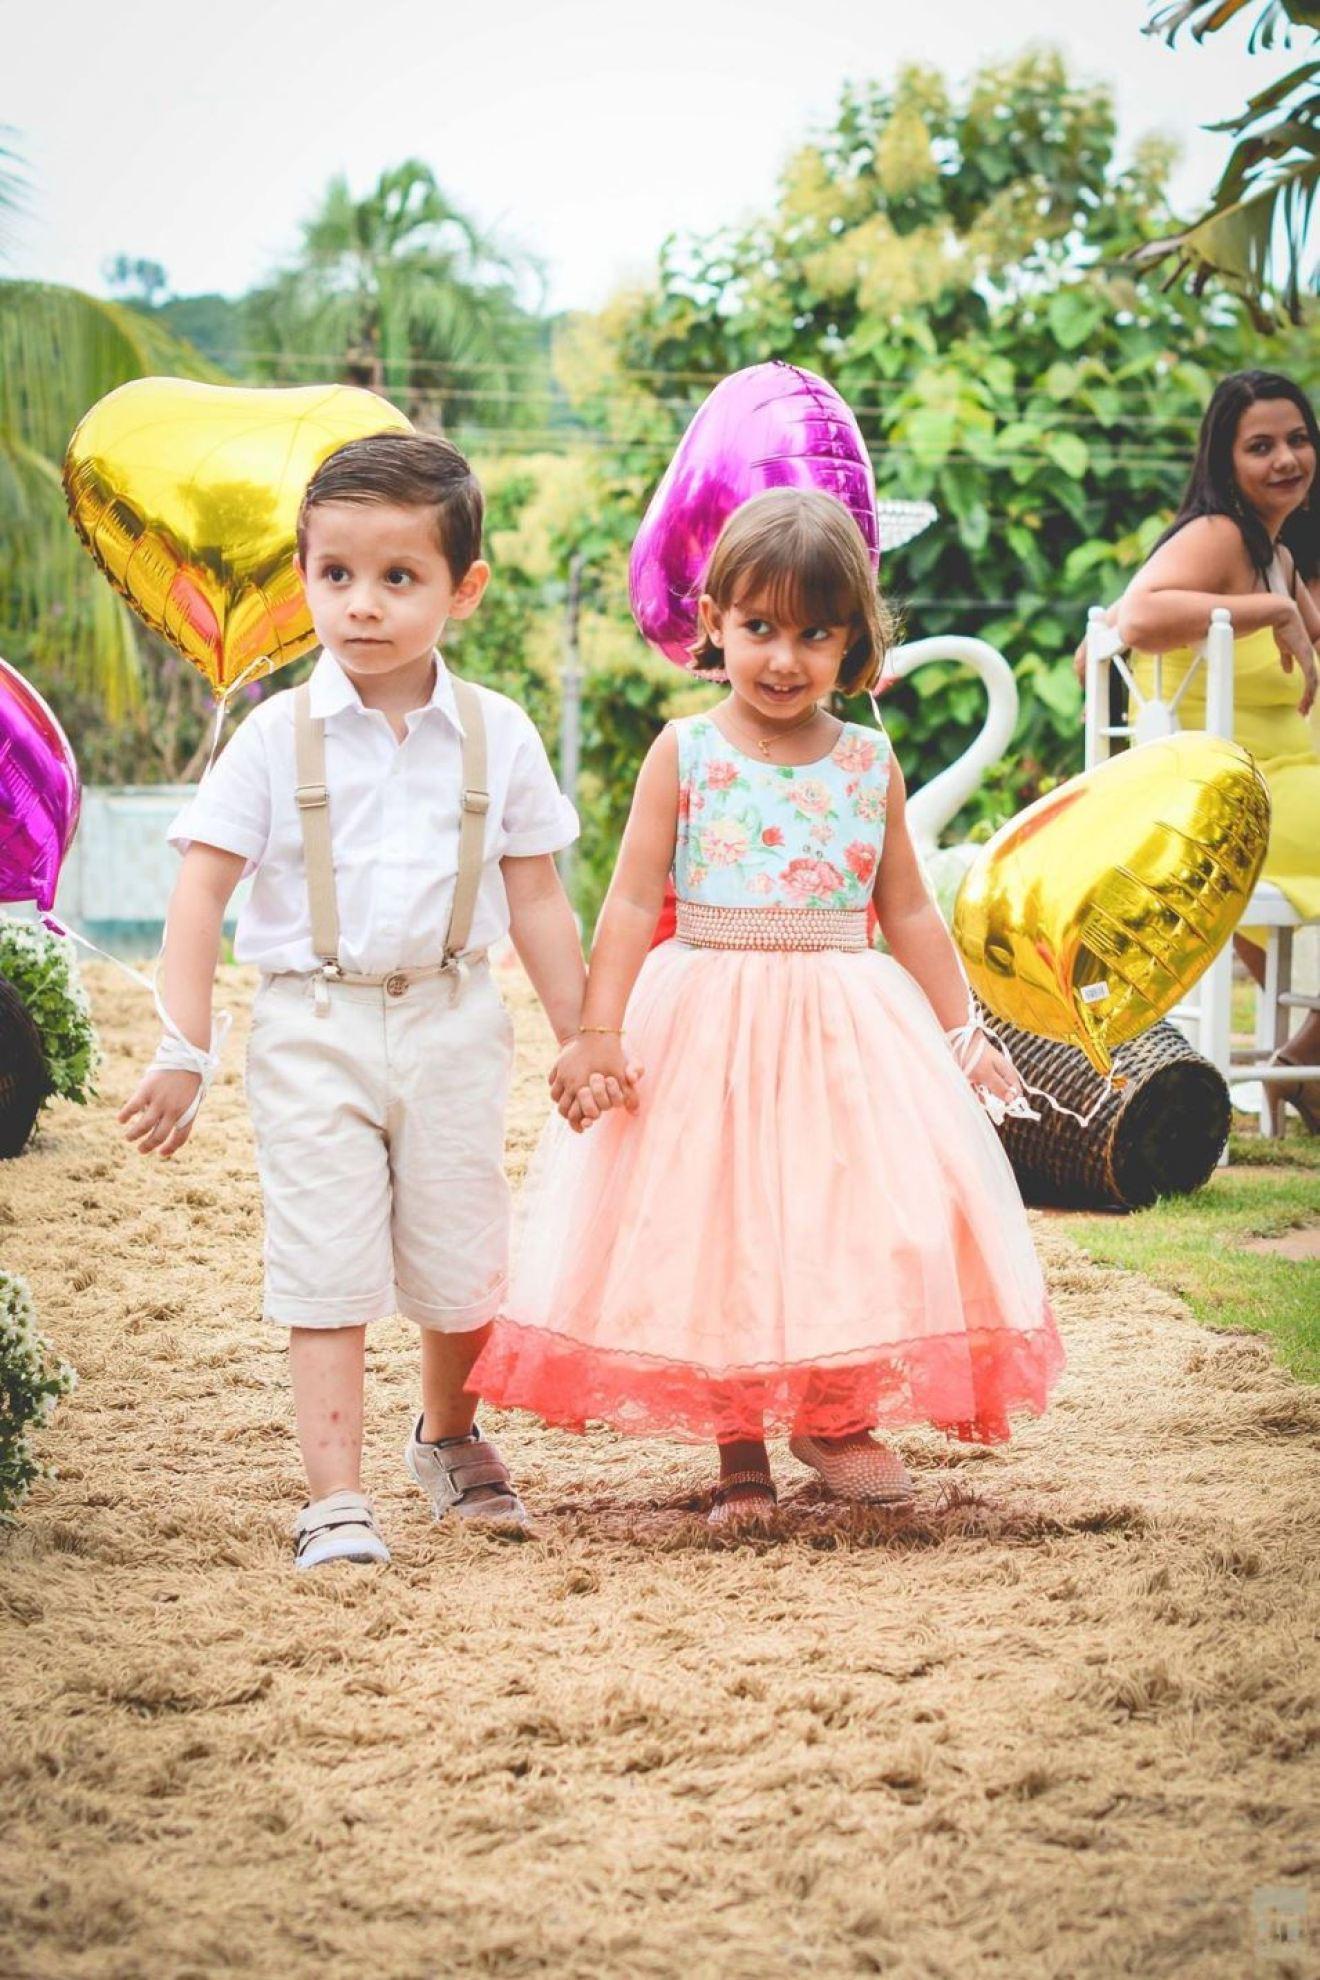 relato-casamento-real-economico-goias-thalita-bruno-casando-sem-grana (9)